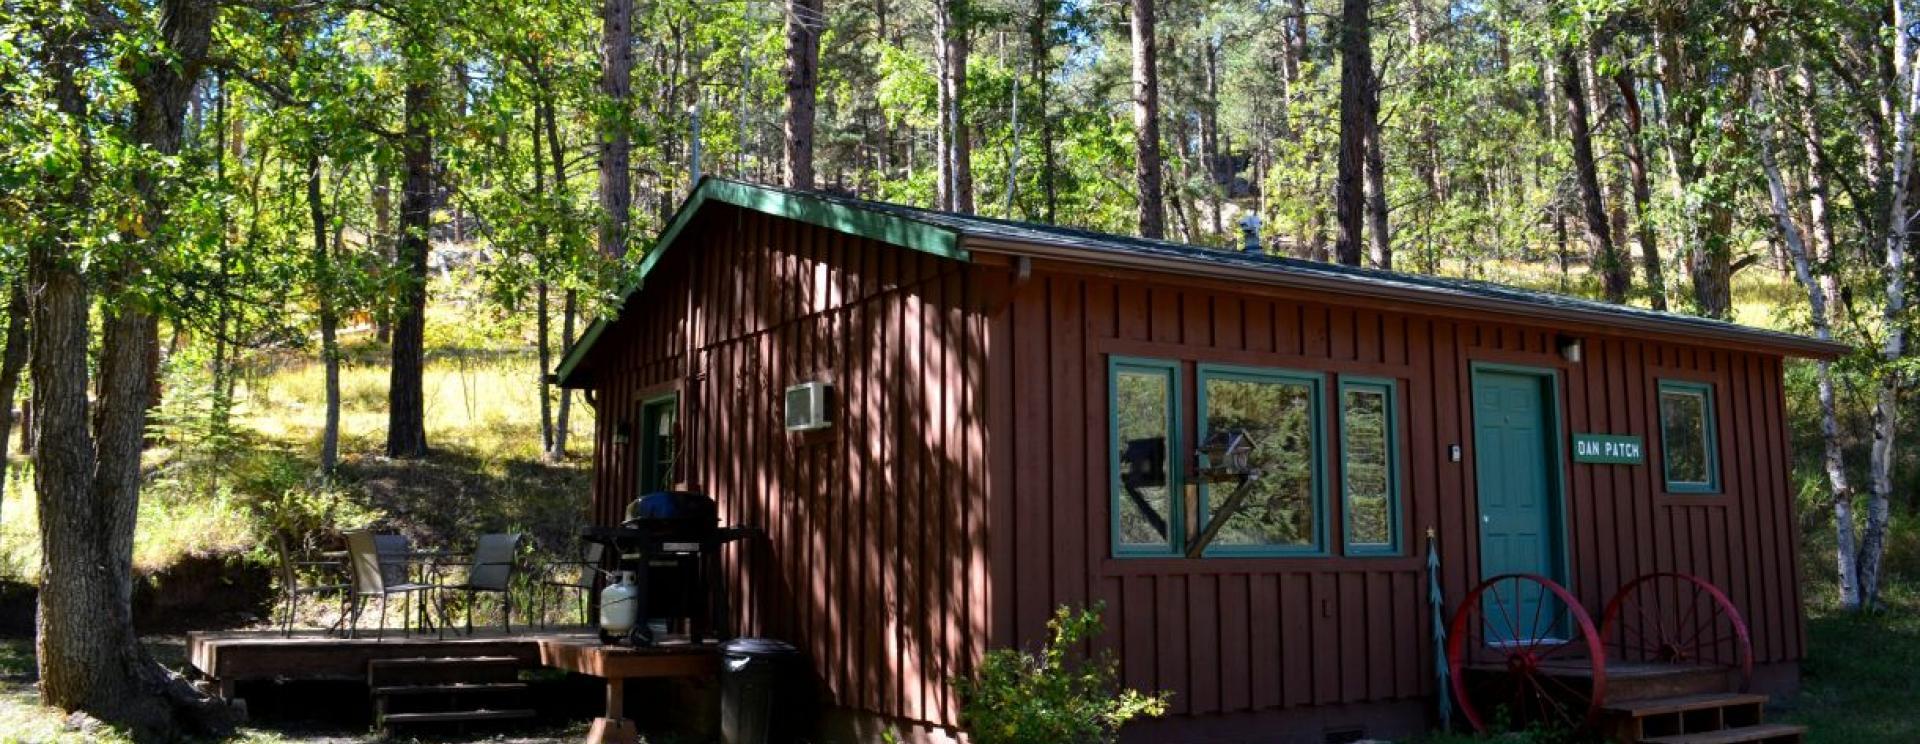 Backroads Inn & Cabins